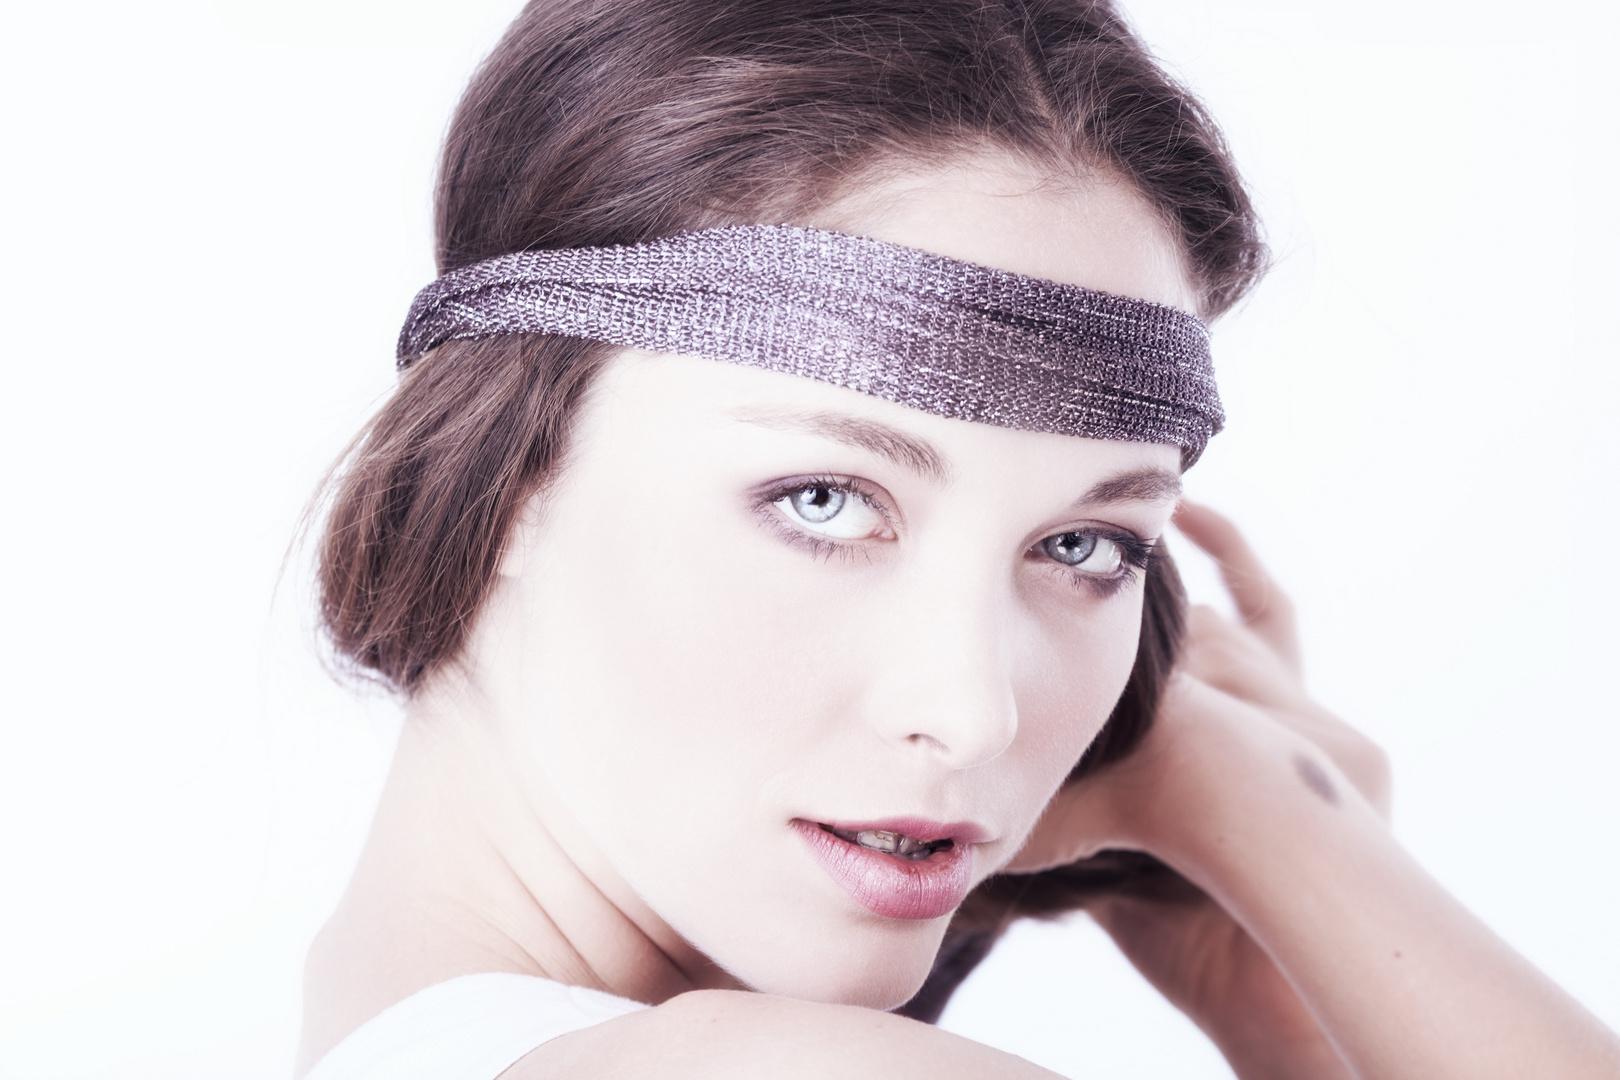 Viktoriya 2